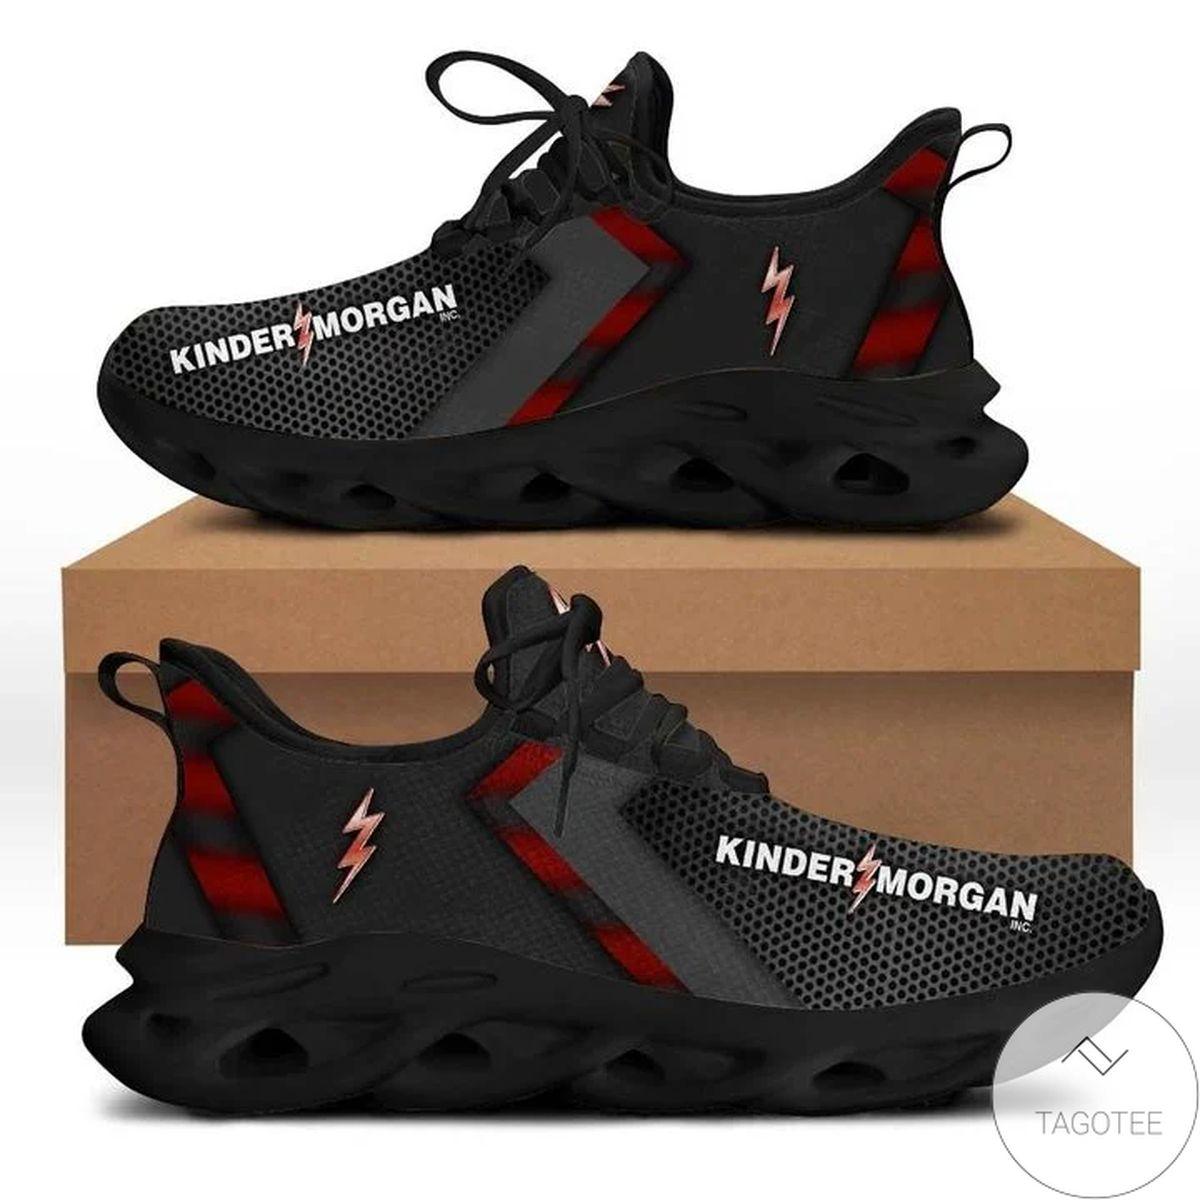 Fantastic Kinder Morgan Max Soul Shoes